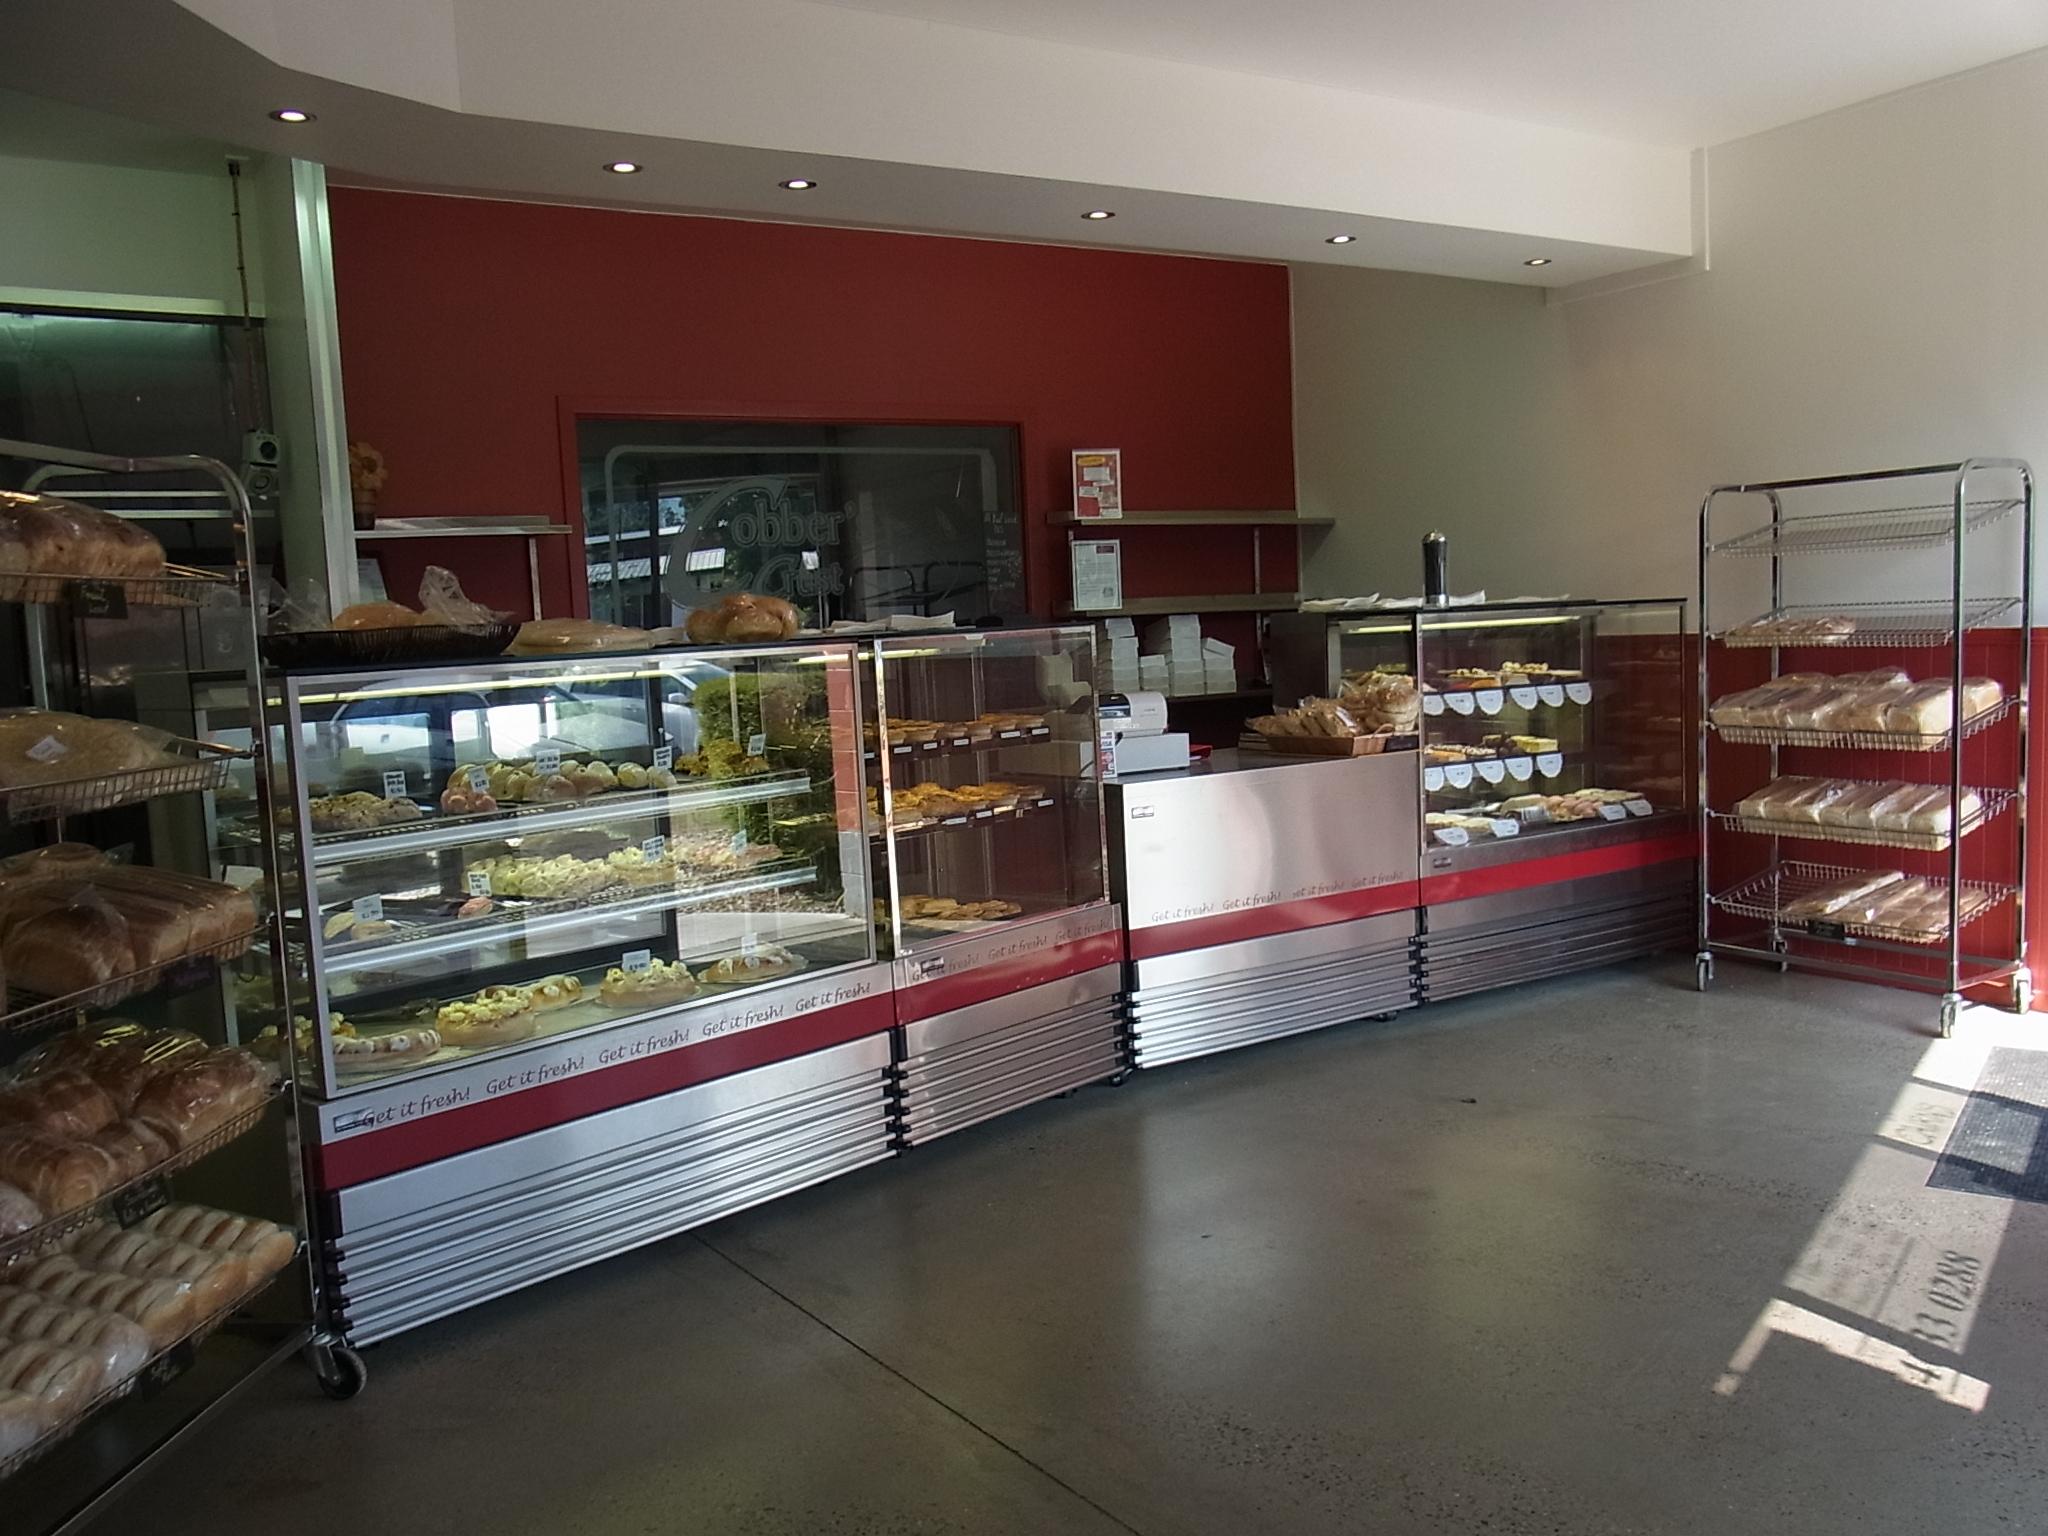 <p>そのほかにもパイ類やケーキ、おやつパンなど、たくさんの種類がショーウィンドーに並んでます。 どれも毎日愛情たっぷりに焼き上げられたものばかり! お店で働くスタッフも「ついつい毎日食べちゃう」というくらいのおいしさです(^-^) ローカルに大人気のお店で、お客さんがひっきりなしに来店。 上の店内写真も、じつは人ナシで撮影するのにすごく時間がかかったんですヨ。 どのお客さんも2〜3袋にもなるほど、大量買いしていきます。 それだけ「おいしい」ってコトですよね〜。</p>